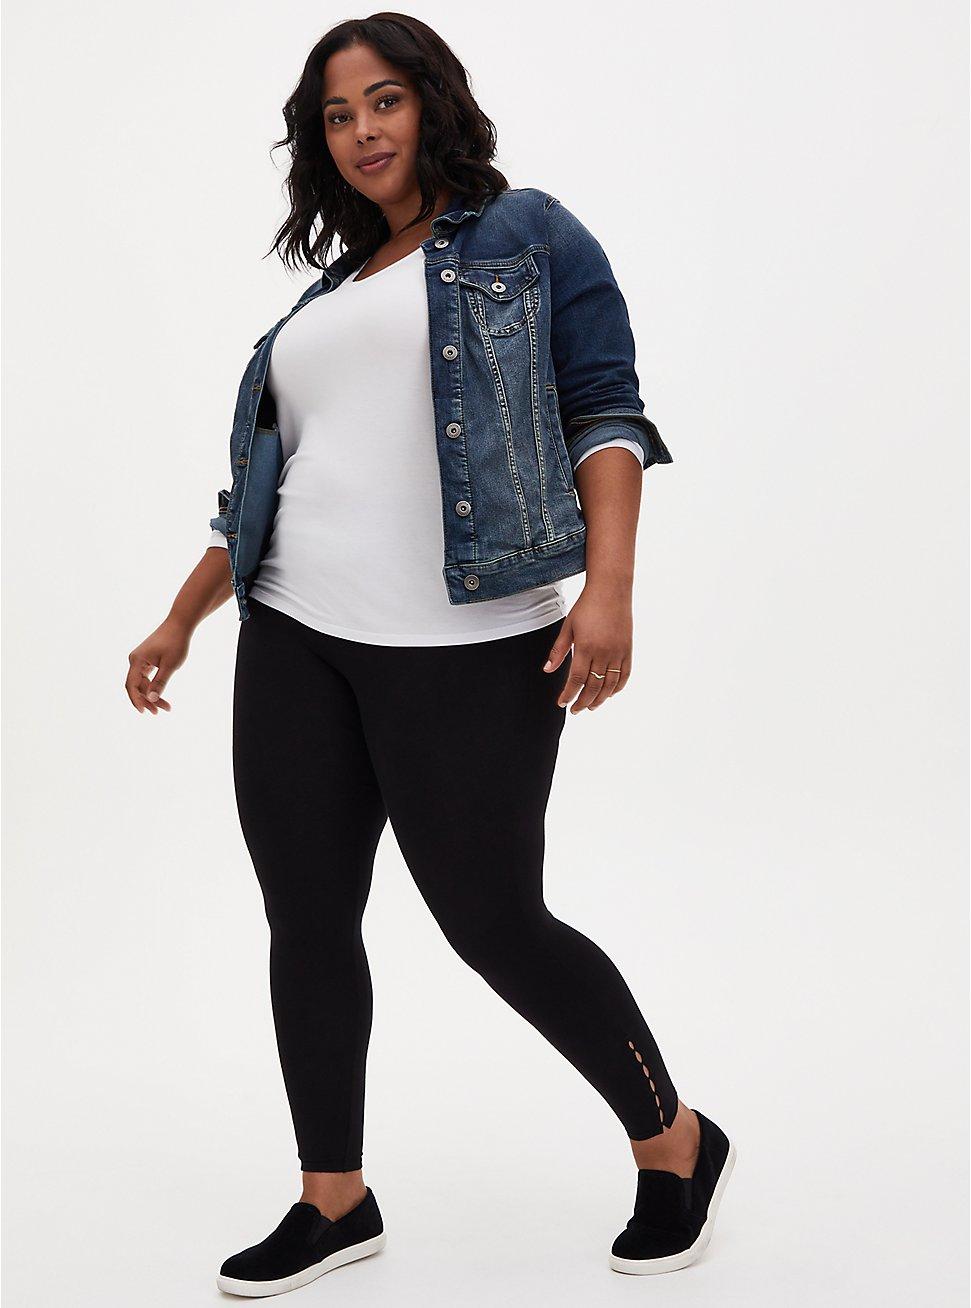 Premium Legging - Mini Cutouts Black, BLACK, hi-res